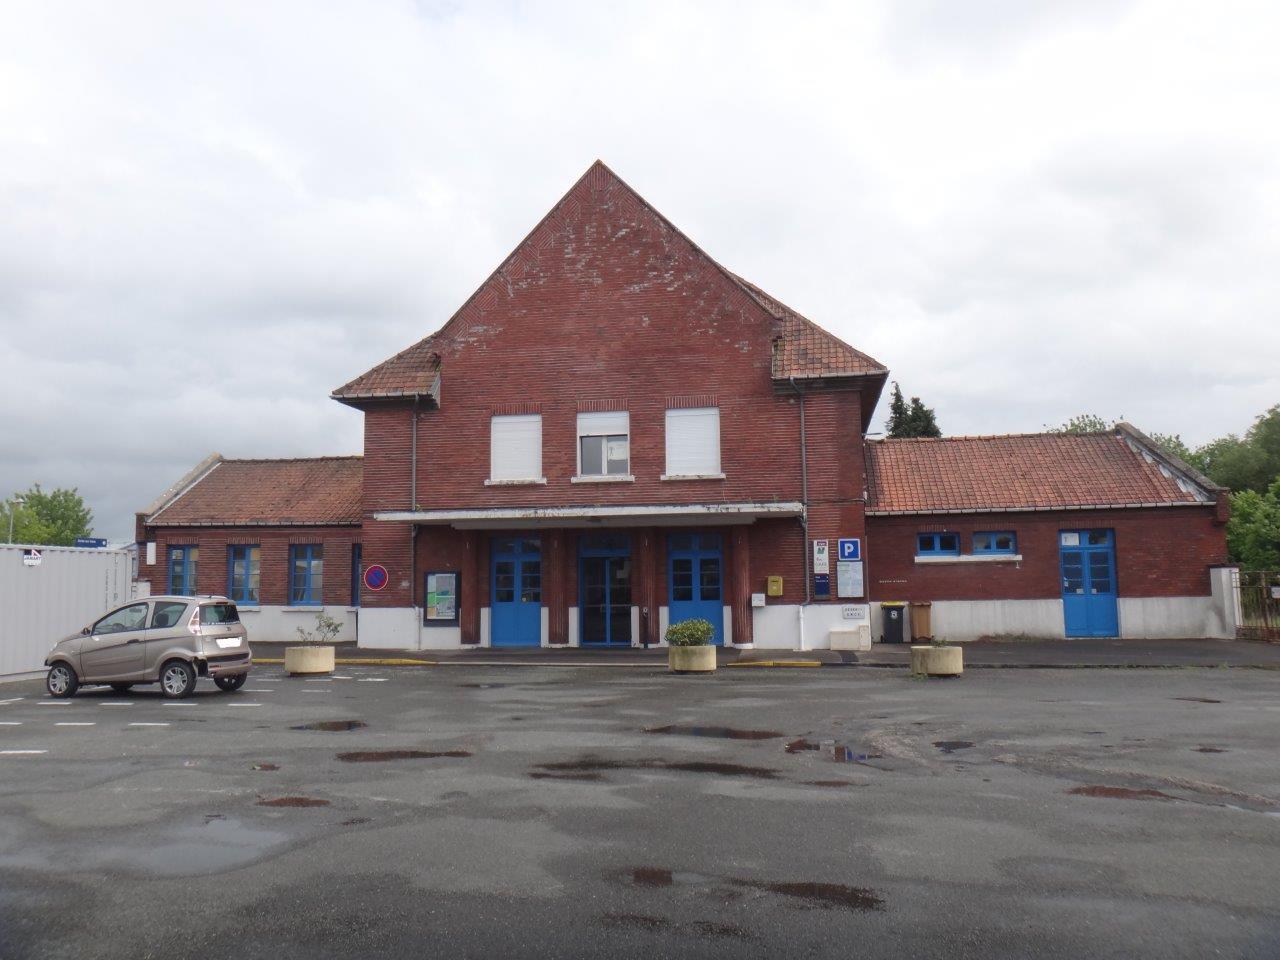 gare-de-longpre-les-corps-saints-train-station